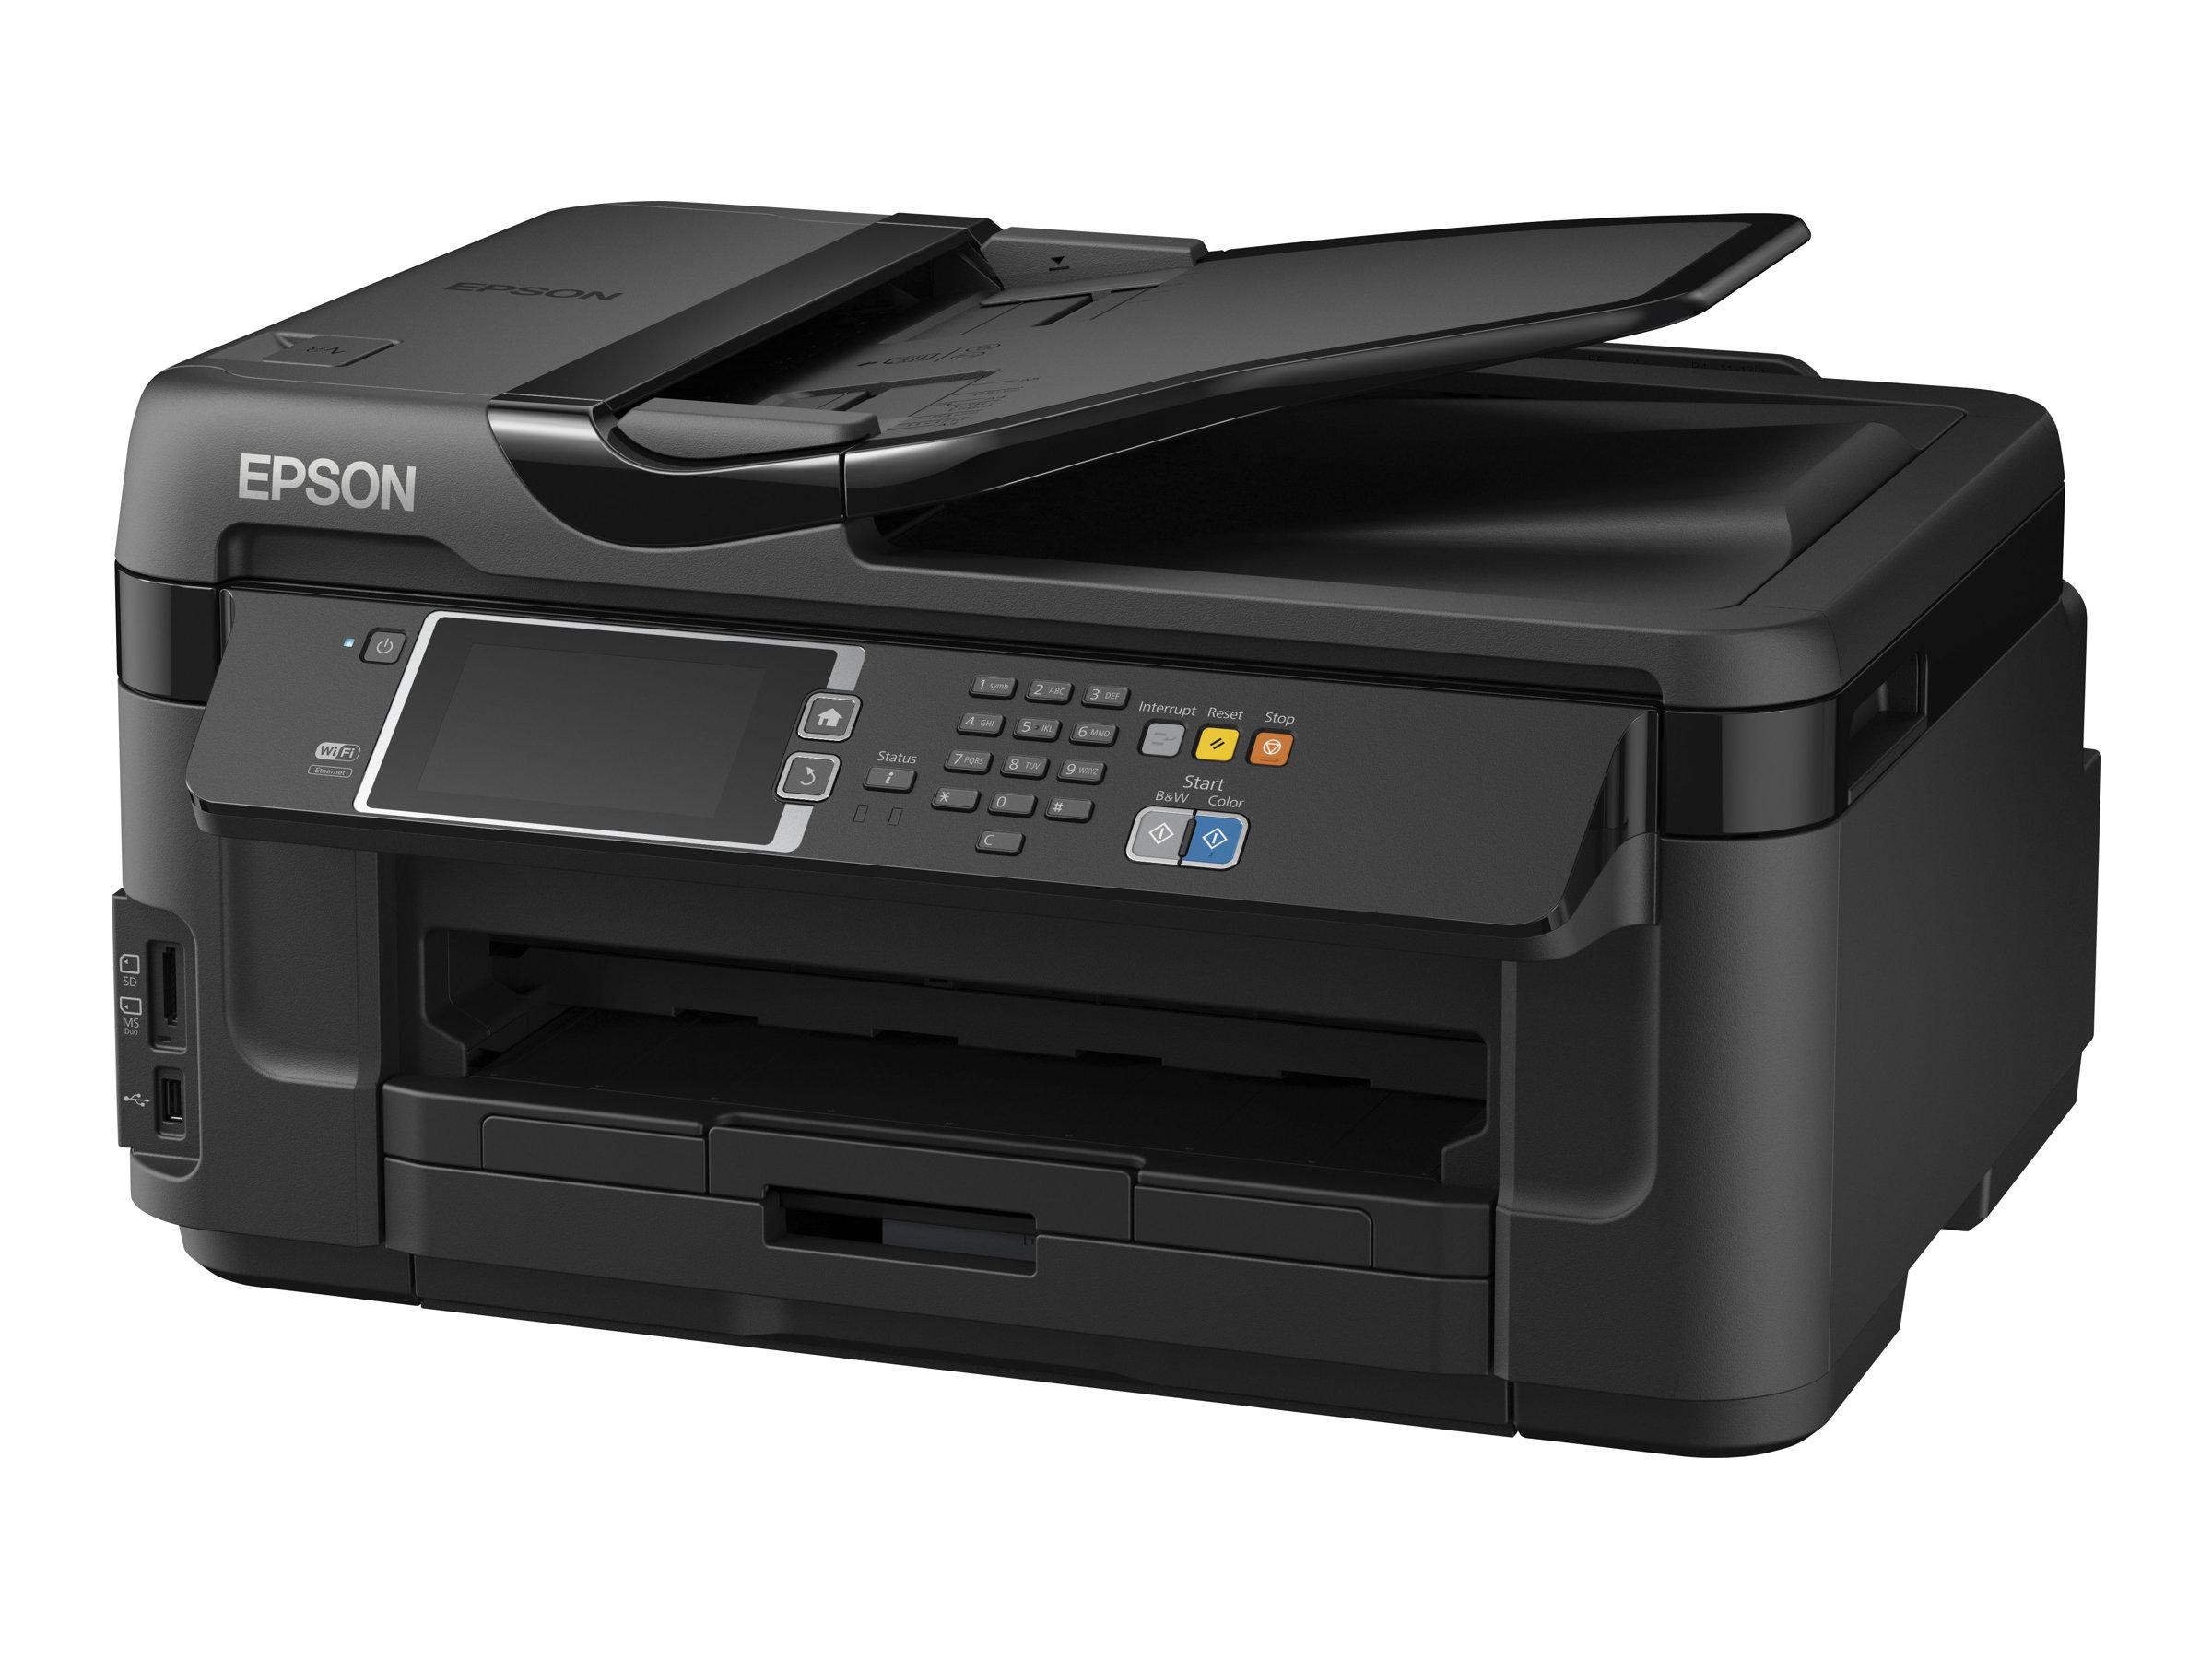 Epson WorkForce WF-7610DWF - Multifunktionsdrucker - Farbe - Tintenstrahl - A3 (Medien) - bis zu 18 Seiten/Min. (Drucken)